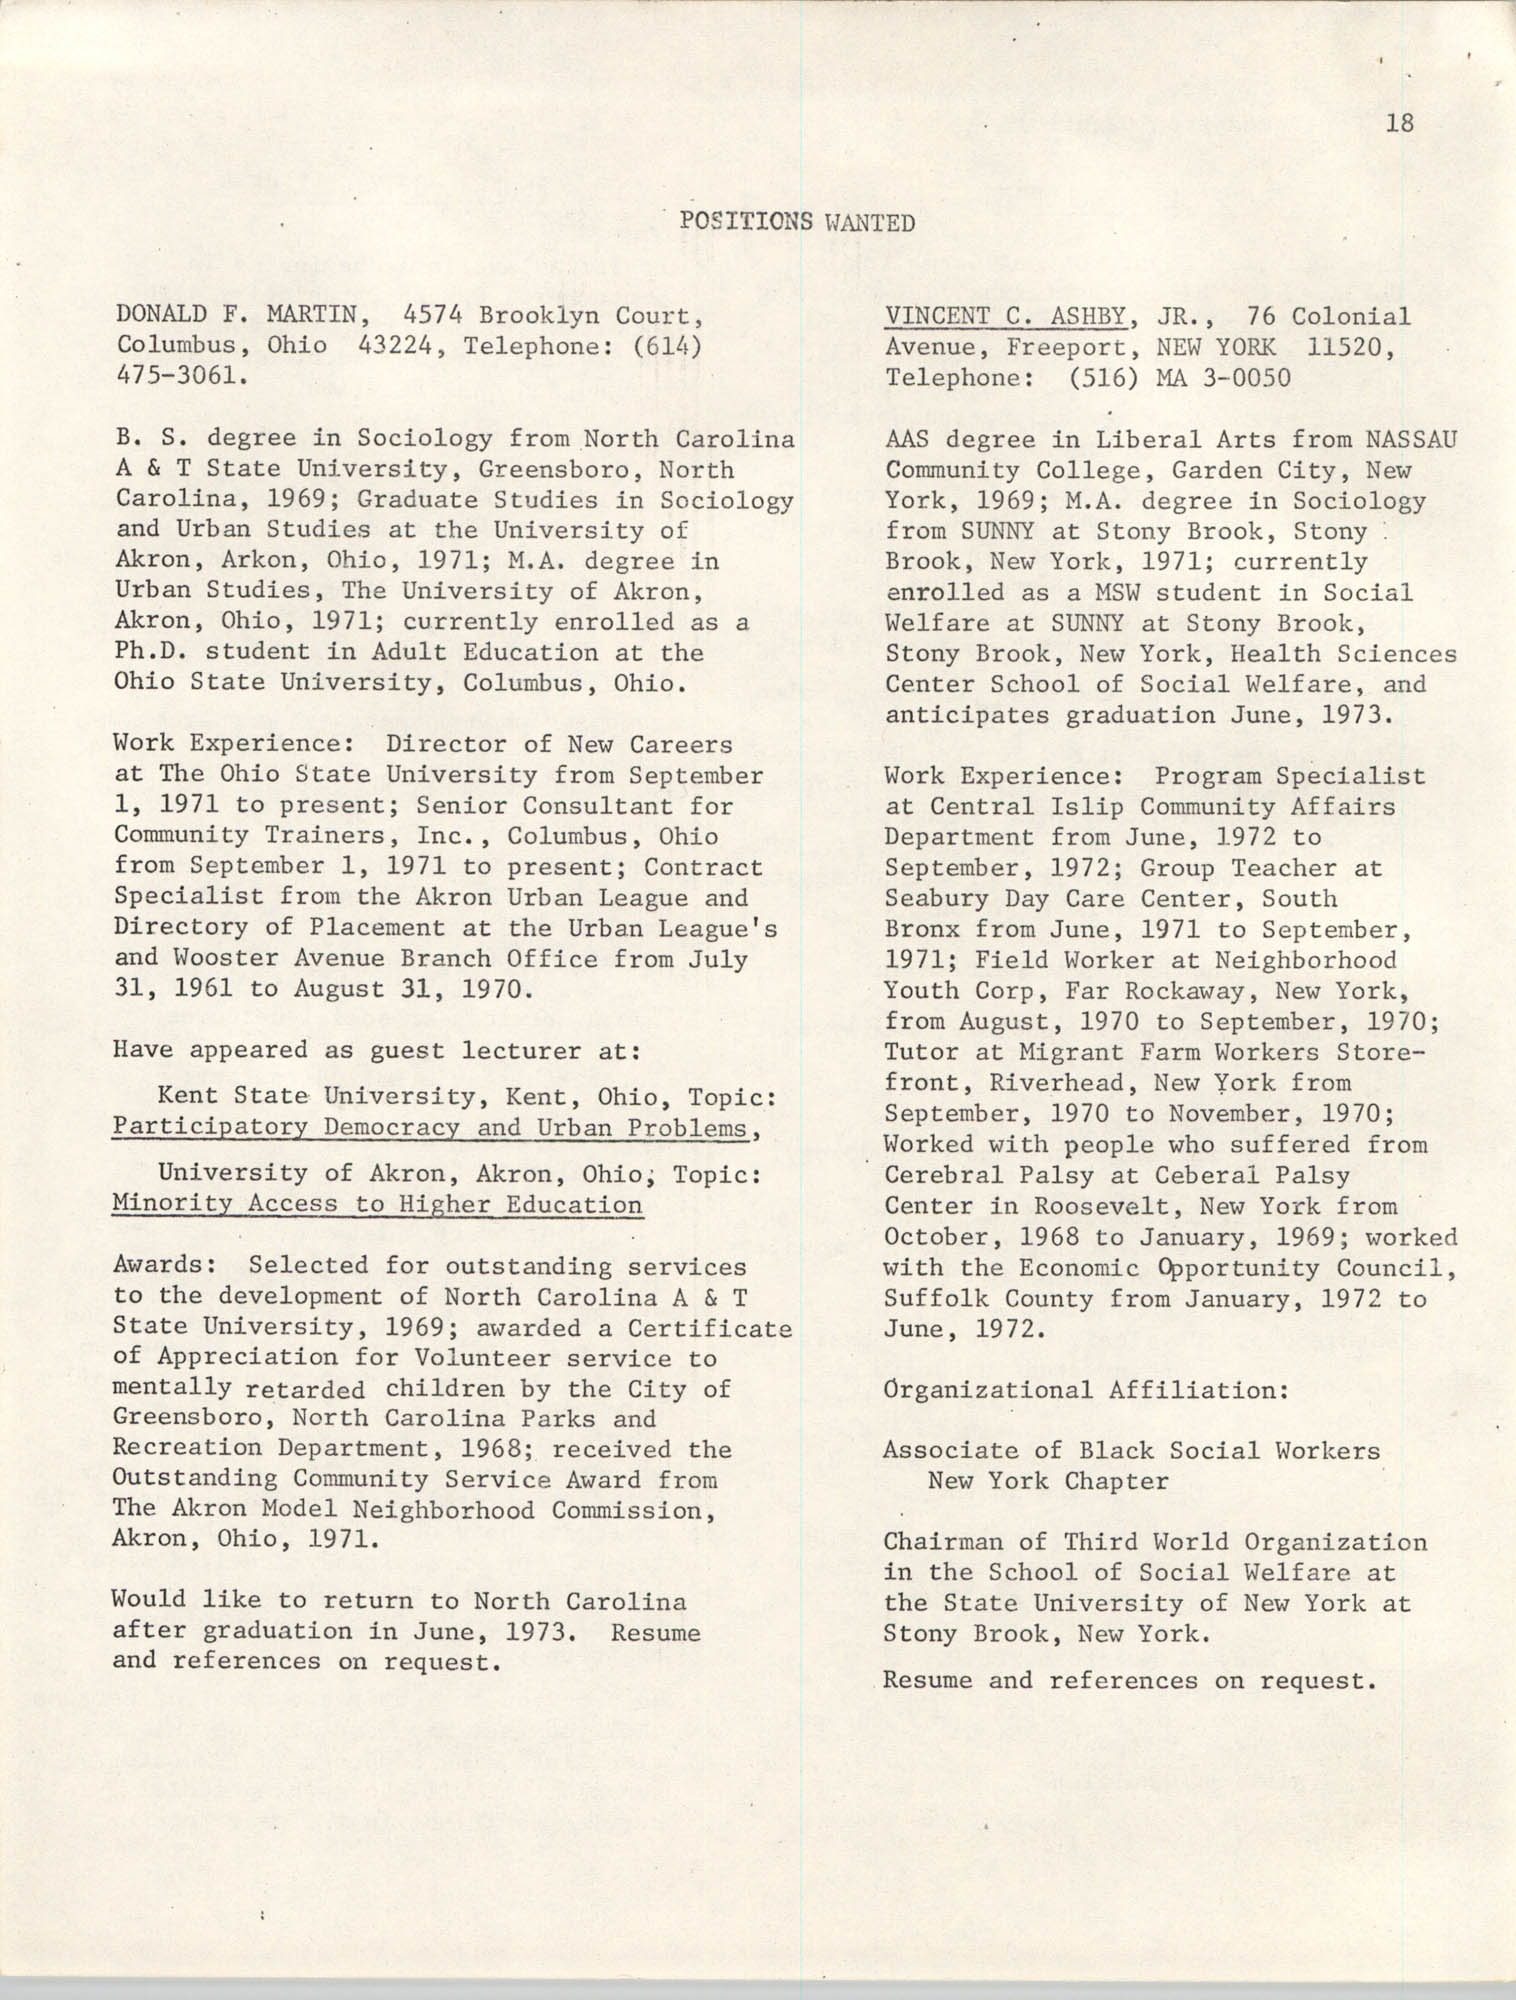 SHARE, Volume I, Number 8, April 1973, Page 18